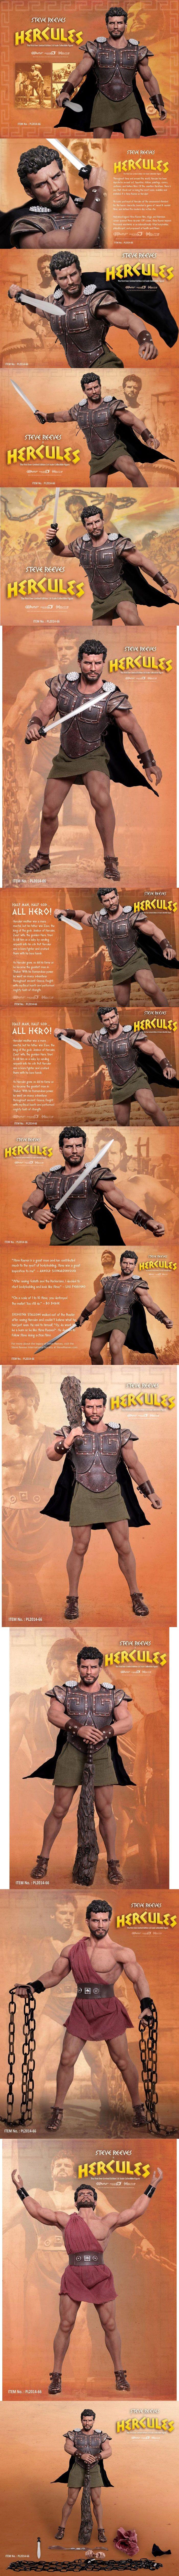 [[예약상품]PHICEN - 1/6 Steve Reeves: Hercules Seamless Action Figure (PL2014-66)]